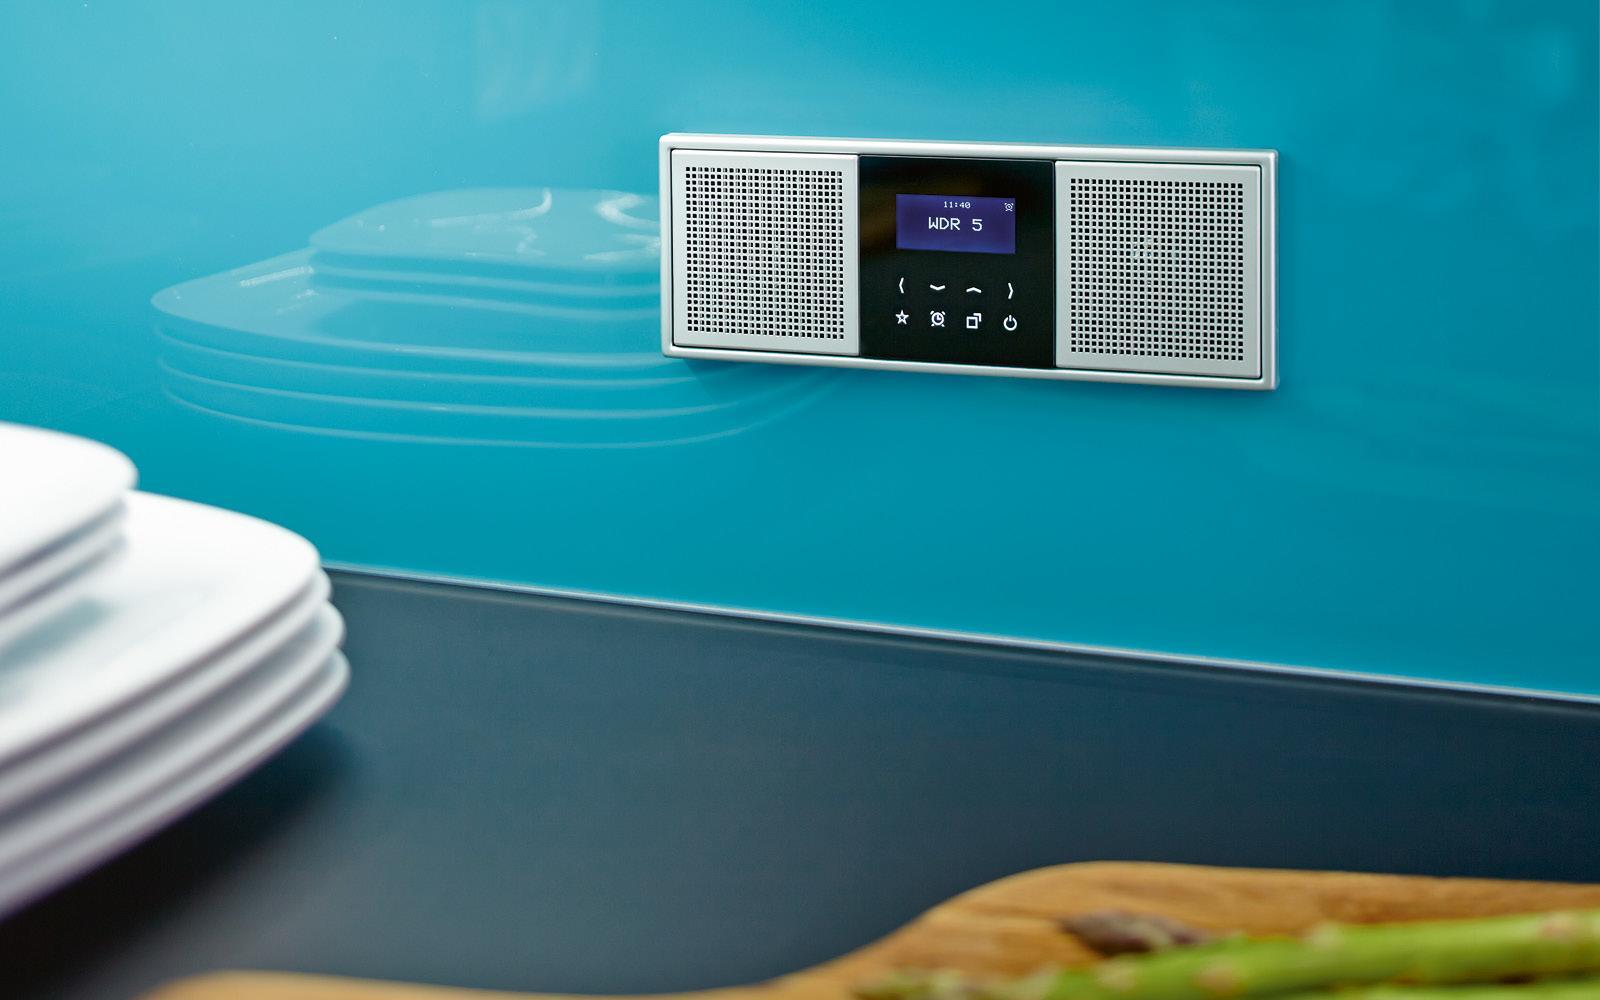 Einbauradio | bad & heizung